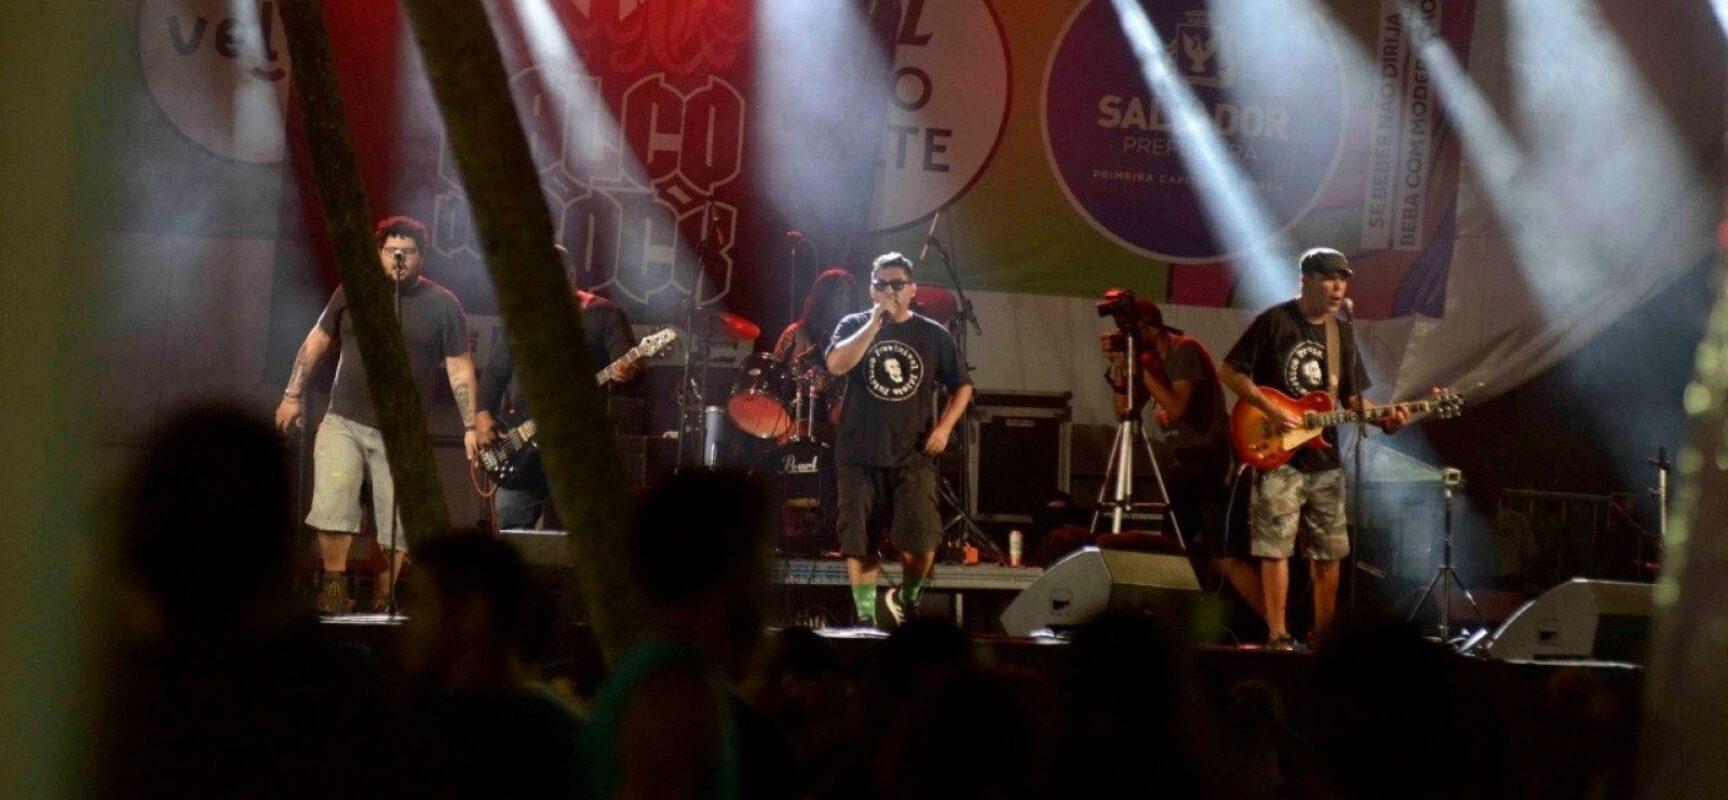 Festival que acontece durante o Carnaval, Palco do Rock abre inscrições para 2022